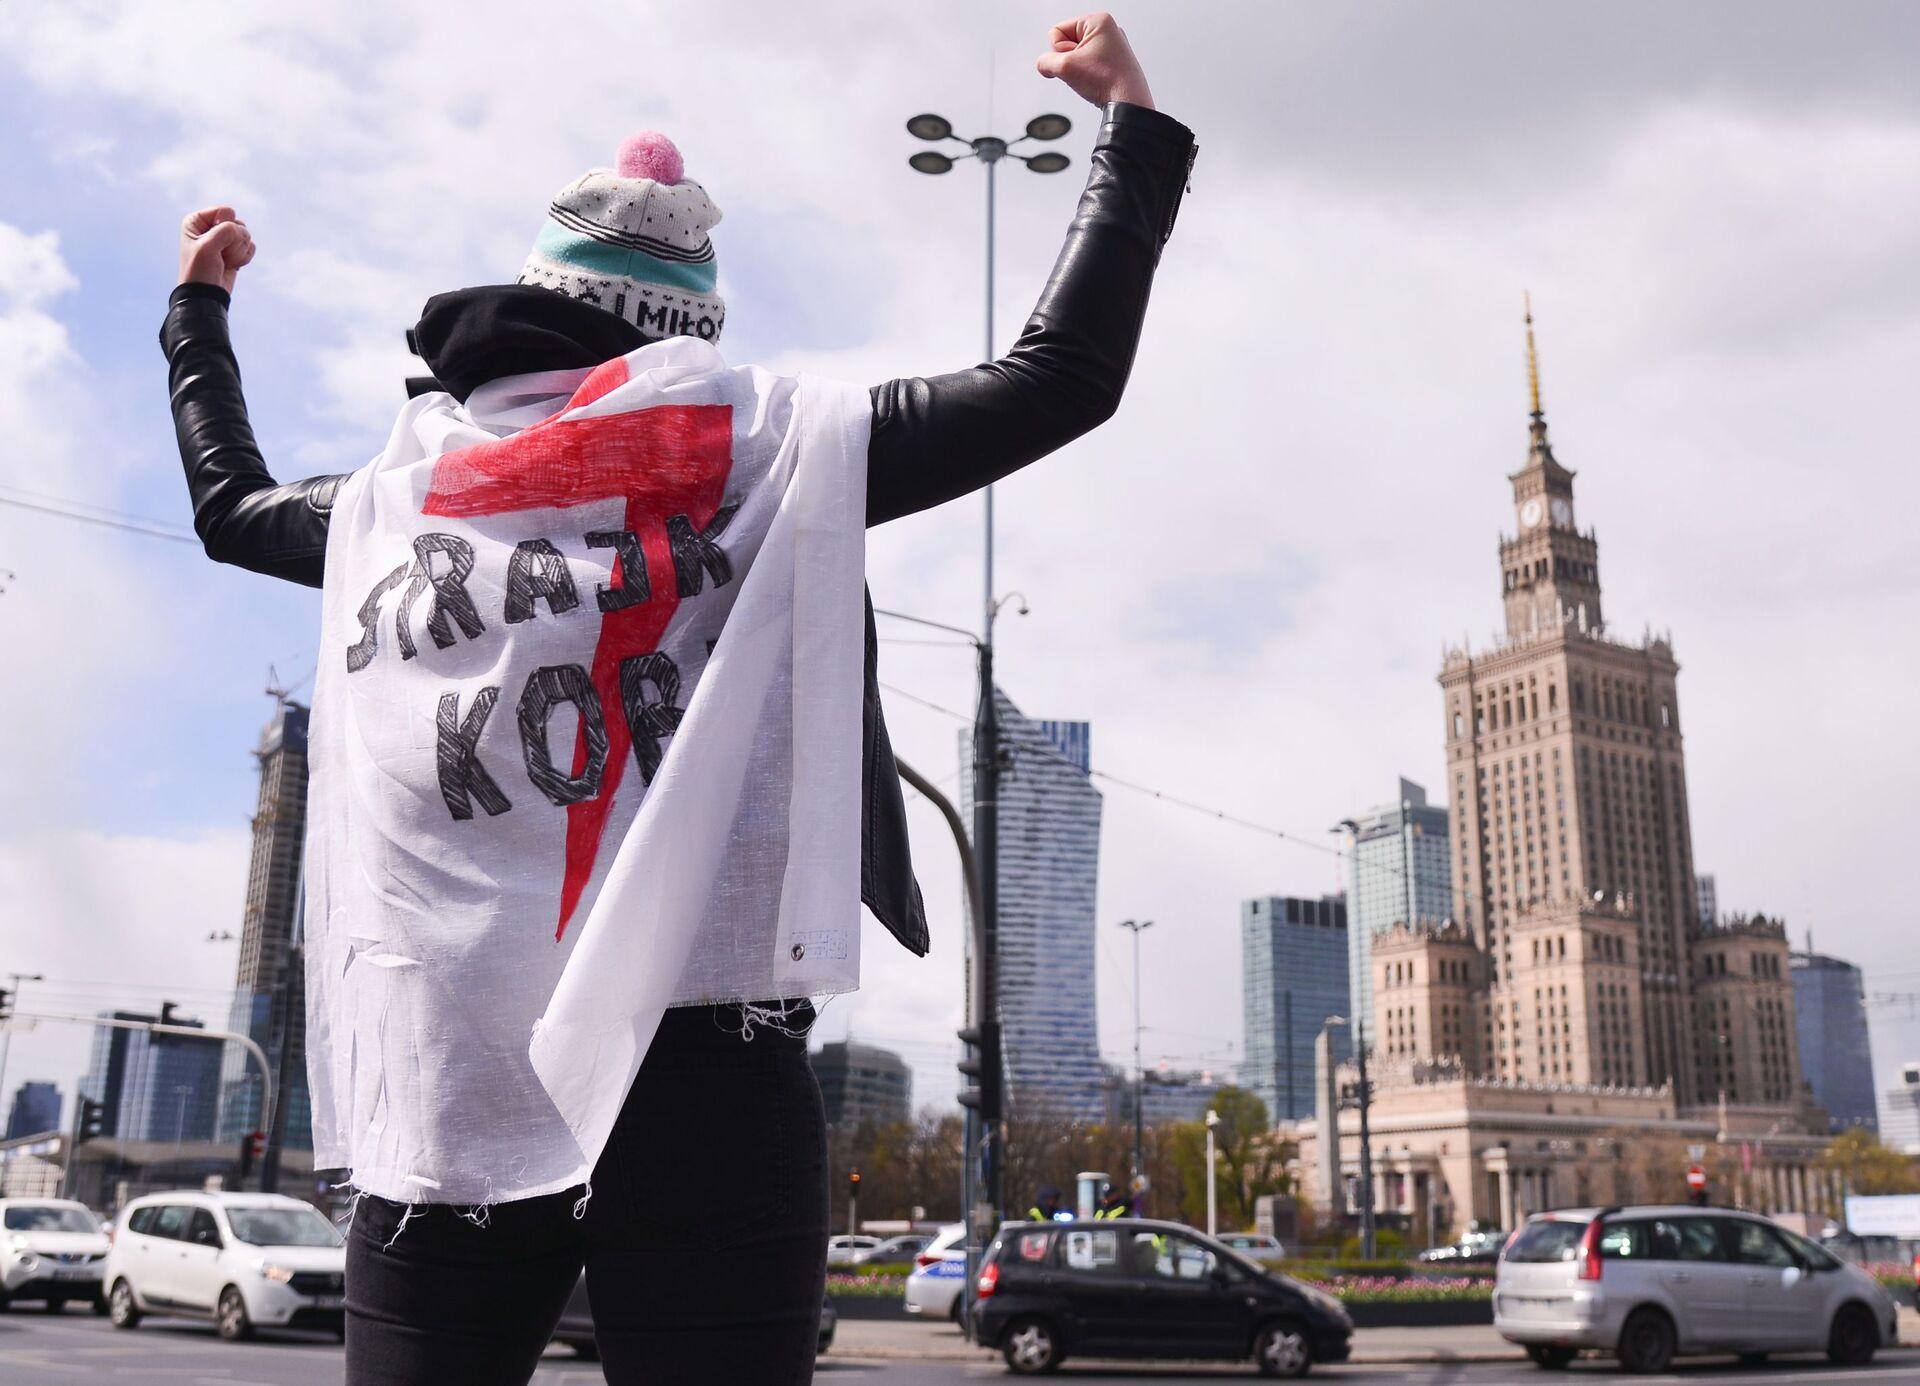 Varsavia, 14 aprile 2020: proteste contro l'inasprimento della legge sull'aborto - Sputnik Italia, 1920, 18.05.2021